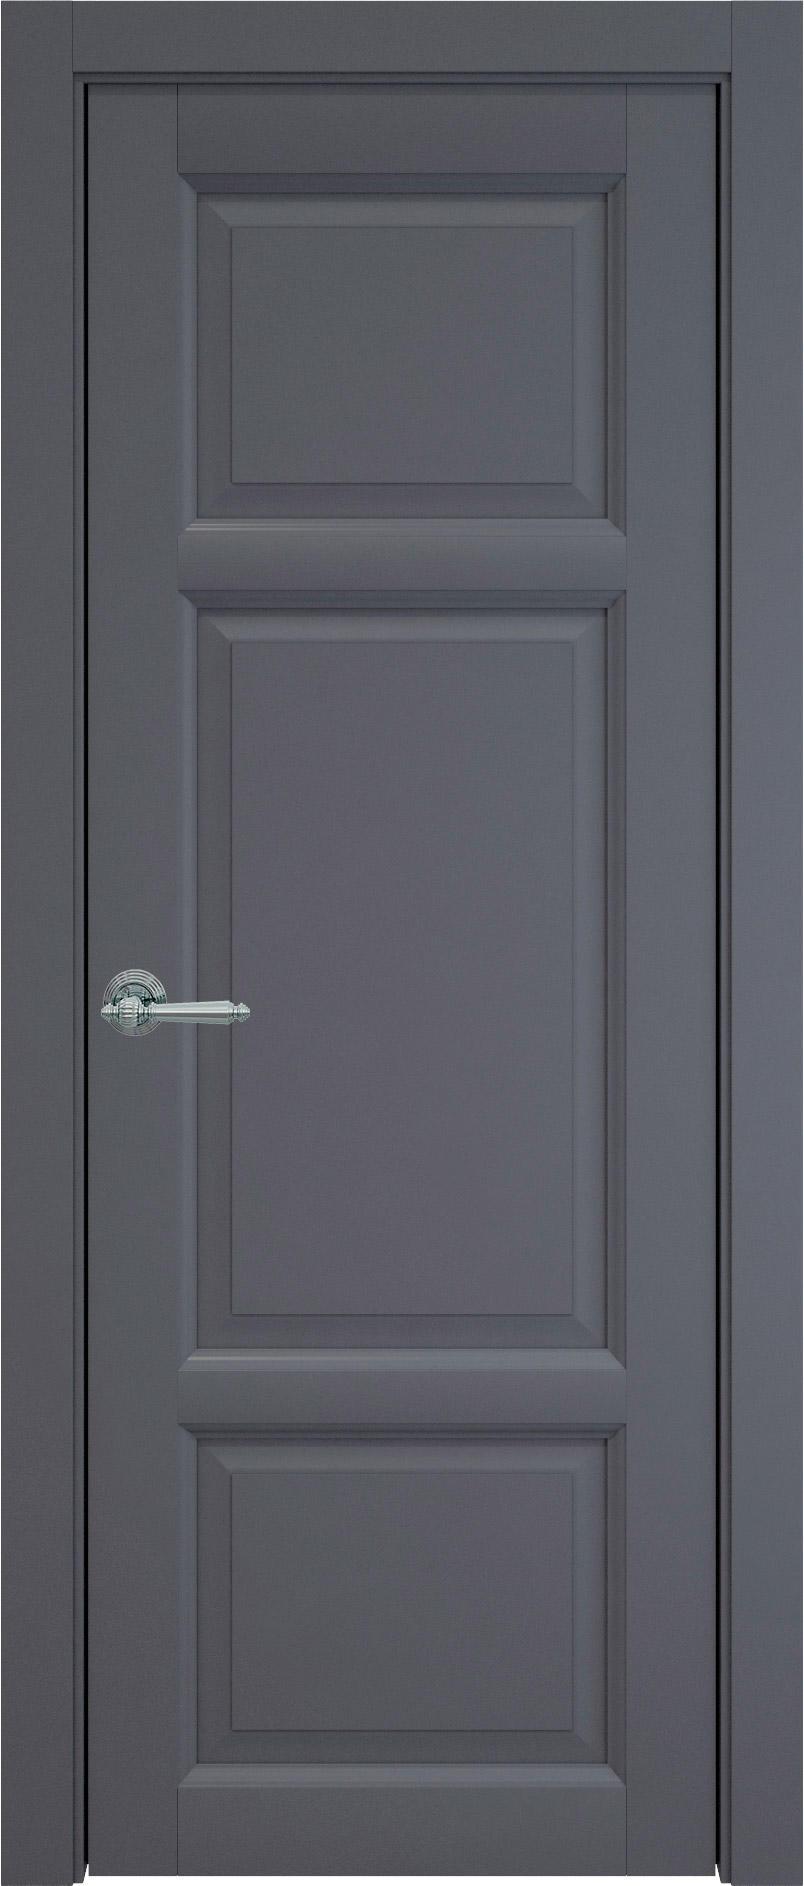 Siena цвет - Графитово-серая эмаль (RAL 7024) Без стекла (ДГ)